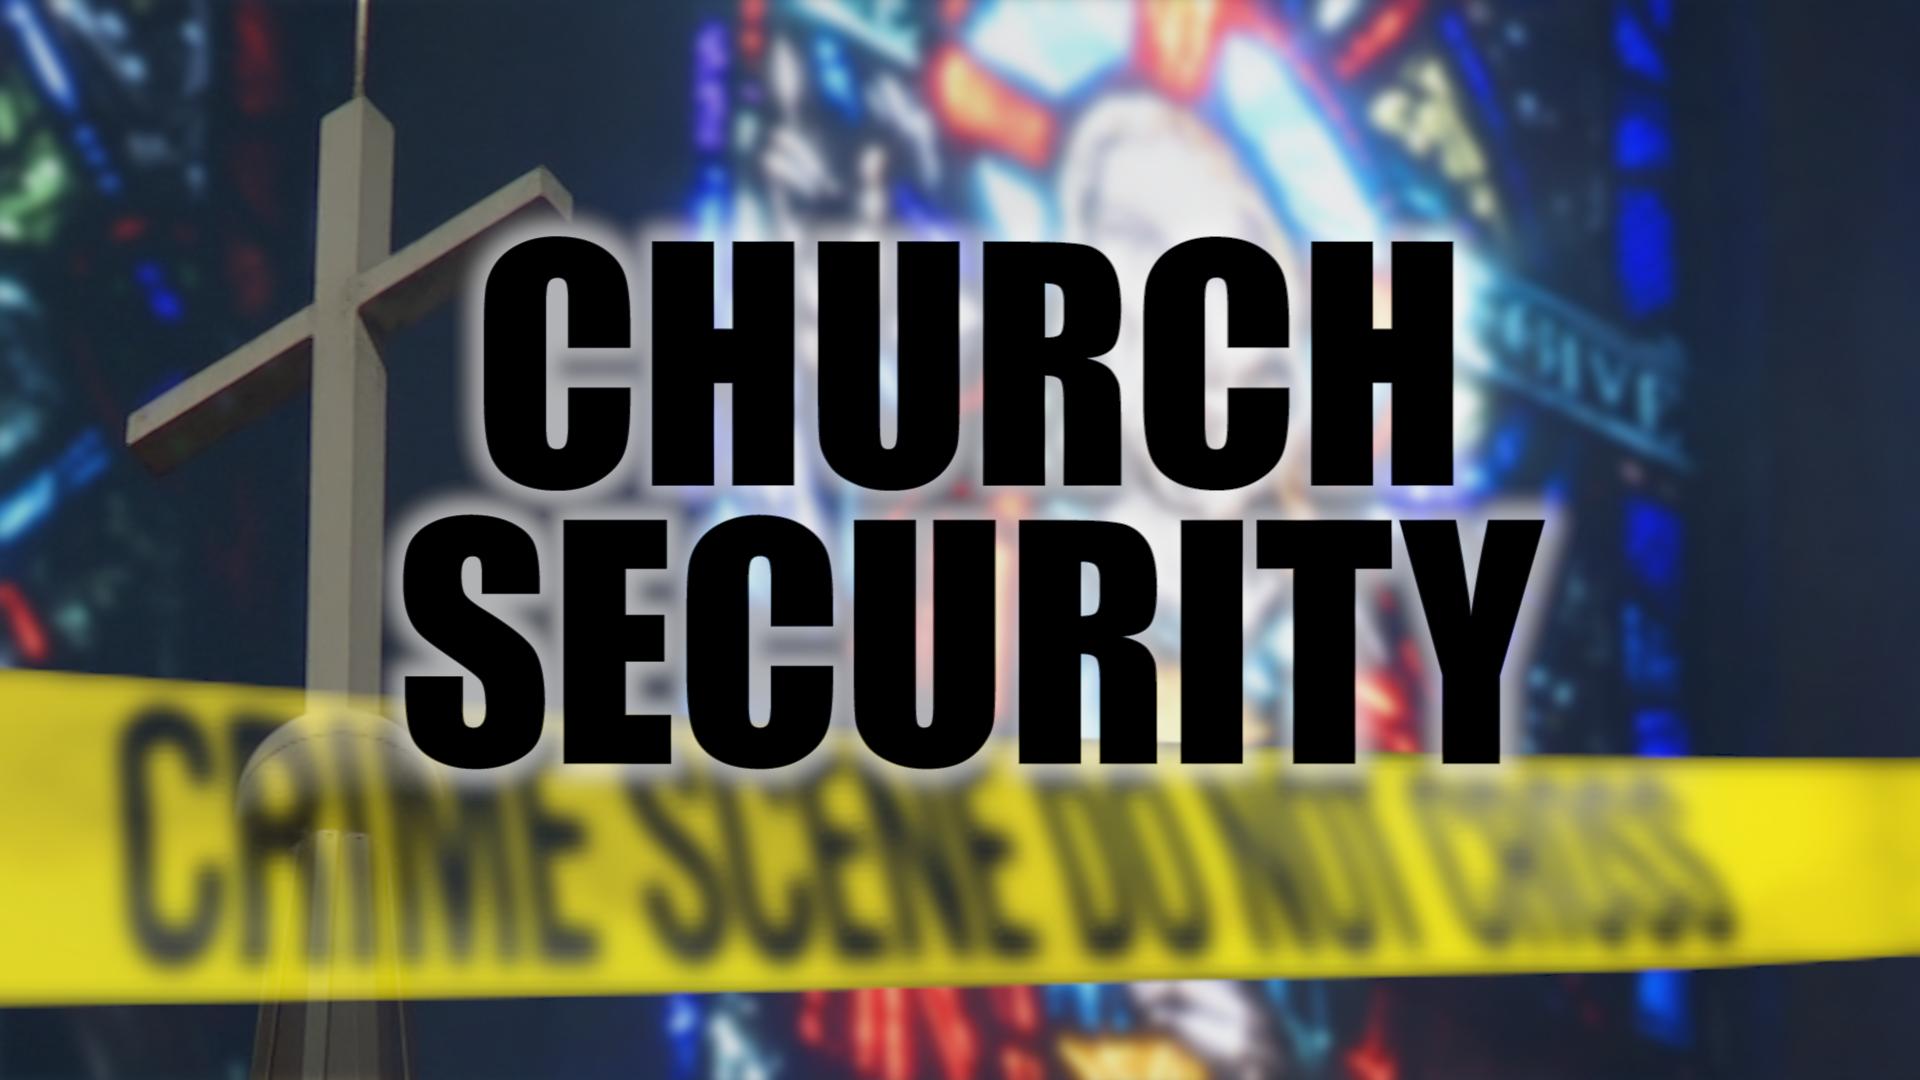 Extra Church Security Alabama News